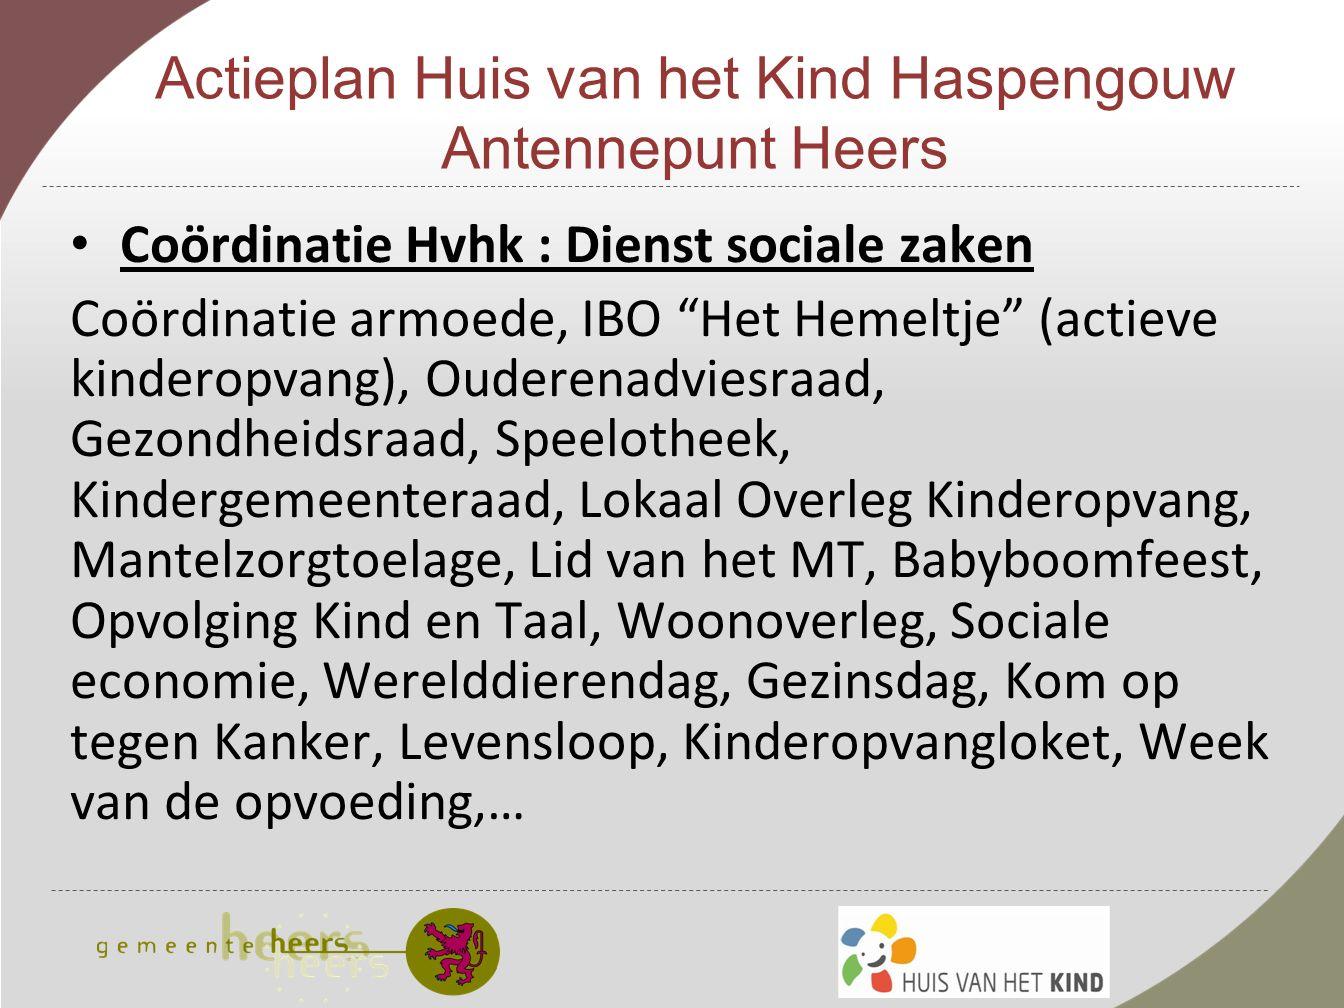 Actieplan Huis van het Kind Haspengouw Antennepunt Heers 1.